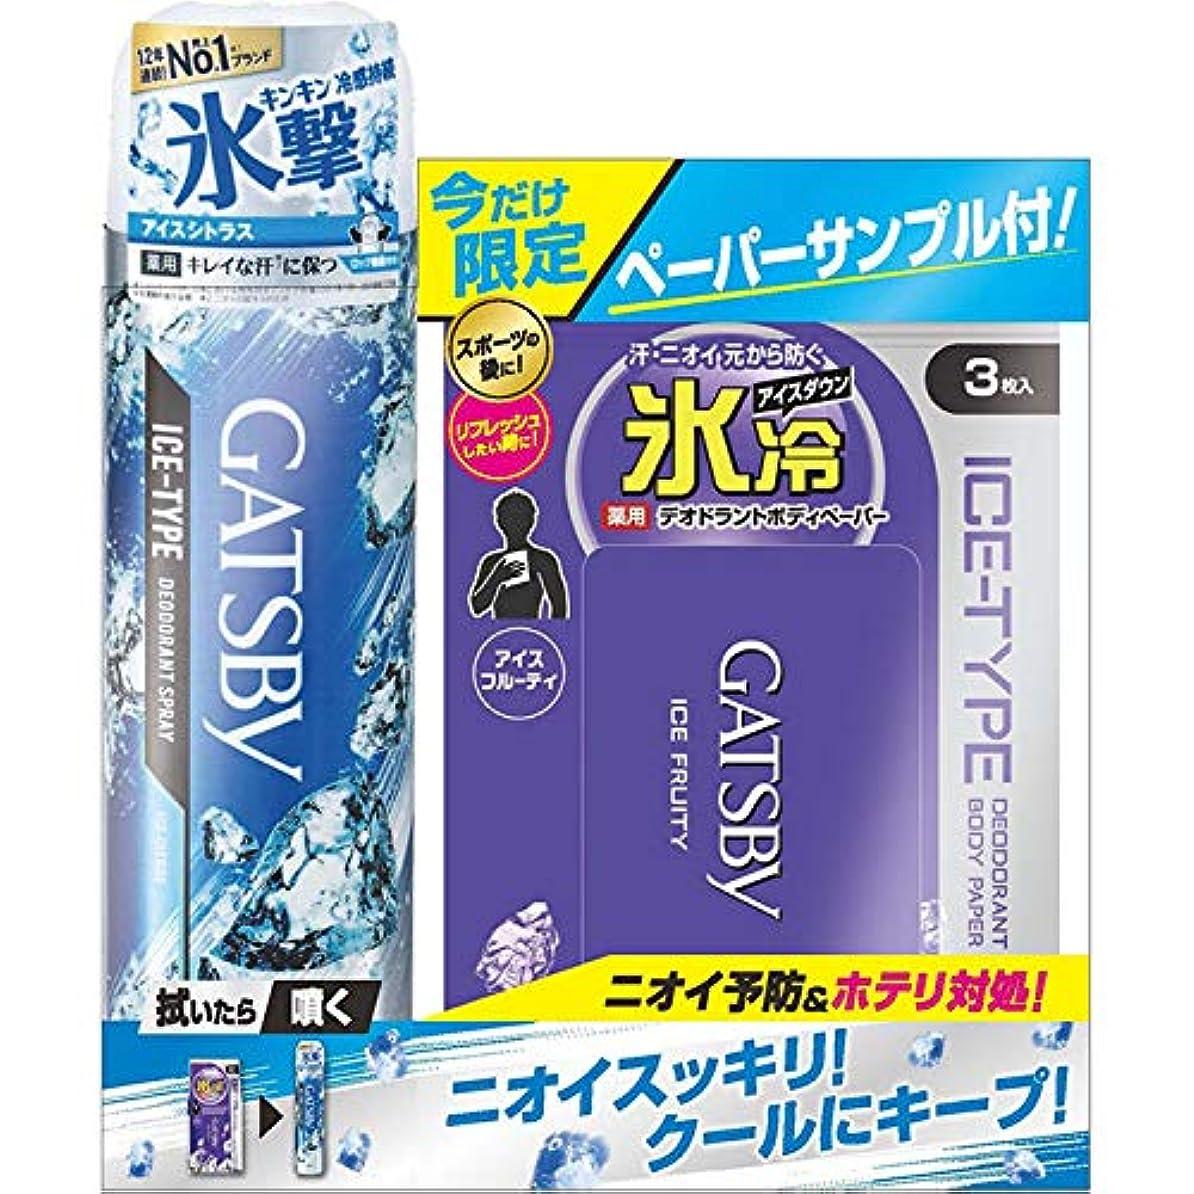 マンダム ギャツビー アイスデオドラントスプレー アイスシトラス 限定品 135g+3枚 (医薬部外品)